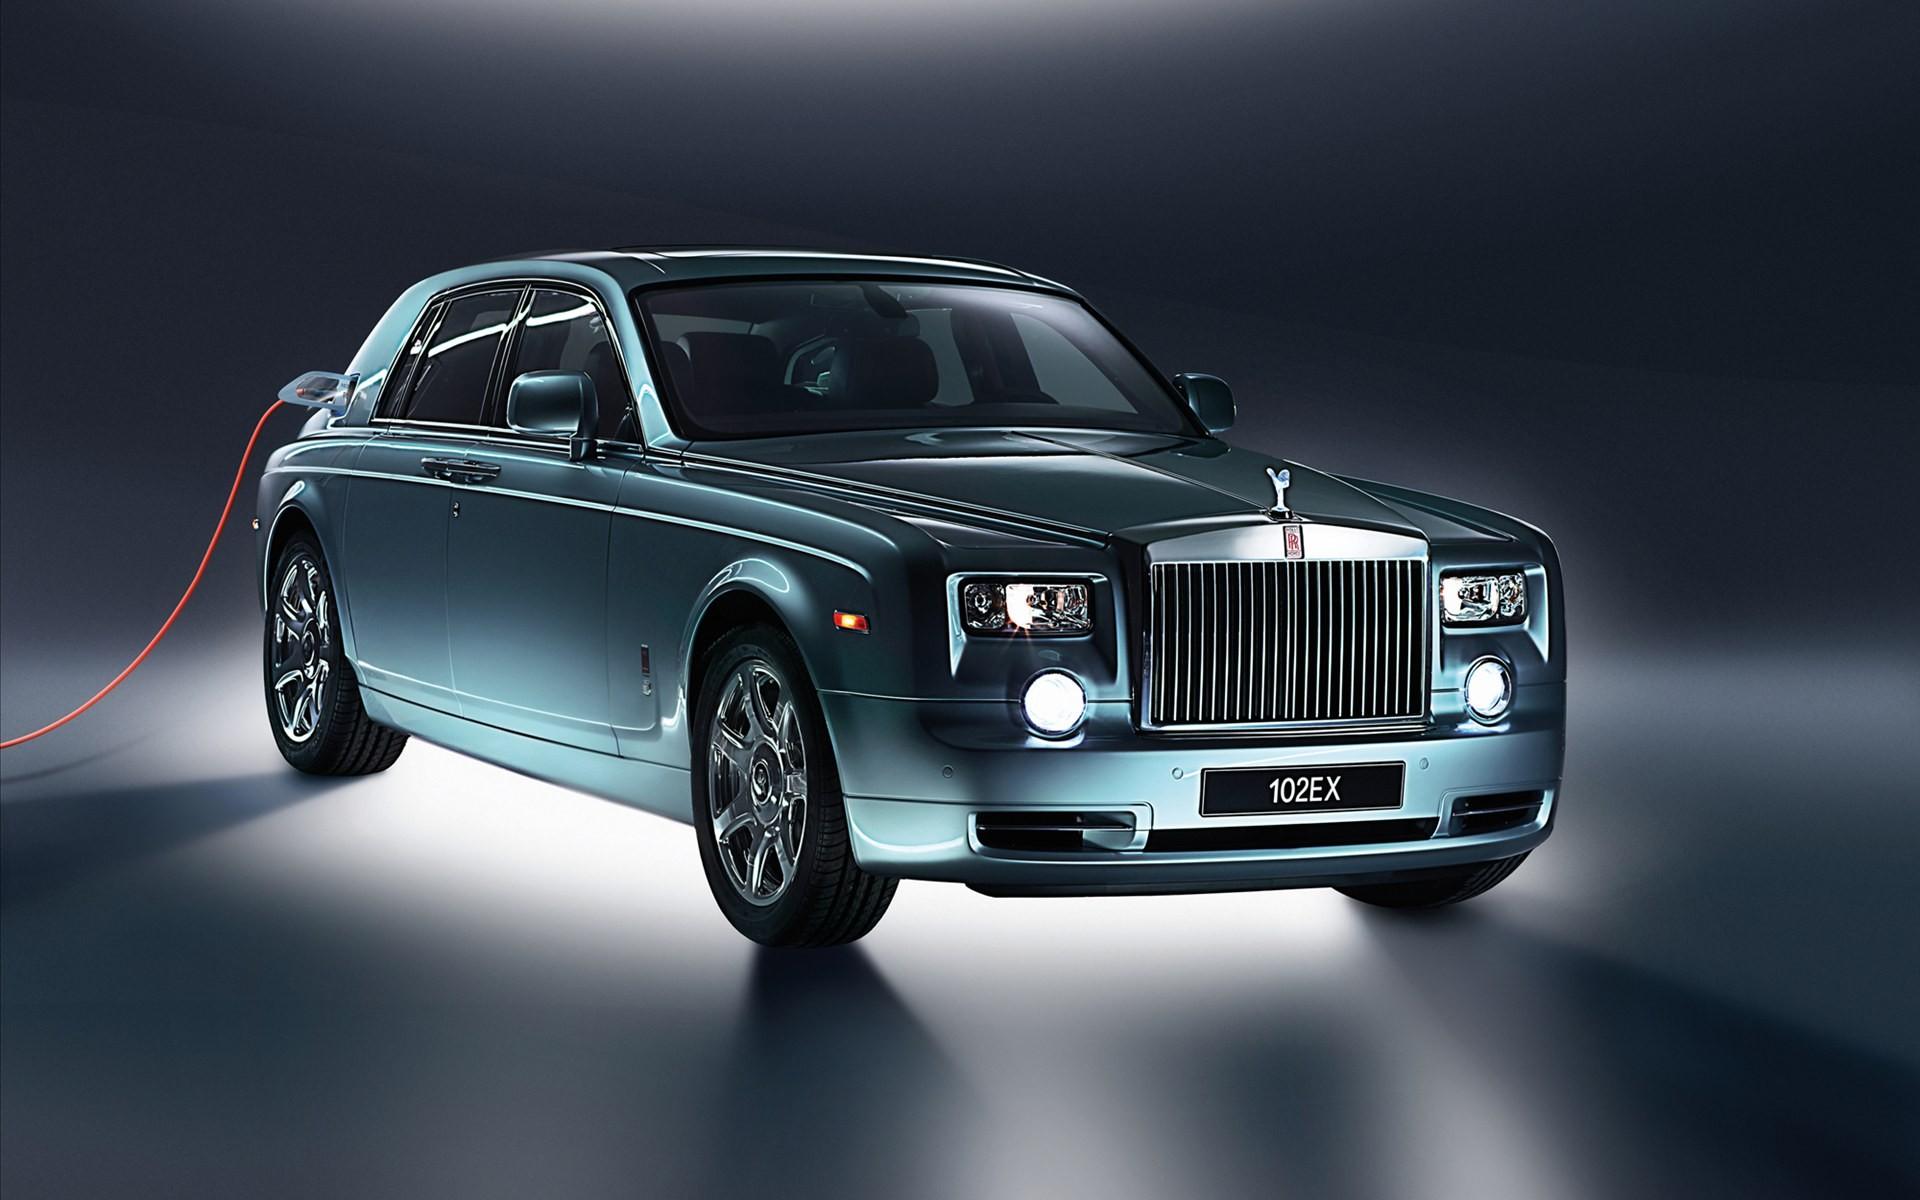 2011 Rolls Royce Phantom 102ex